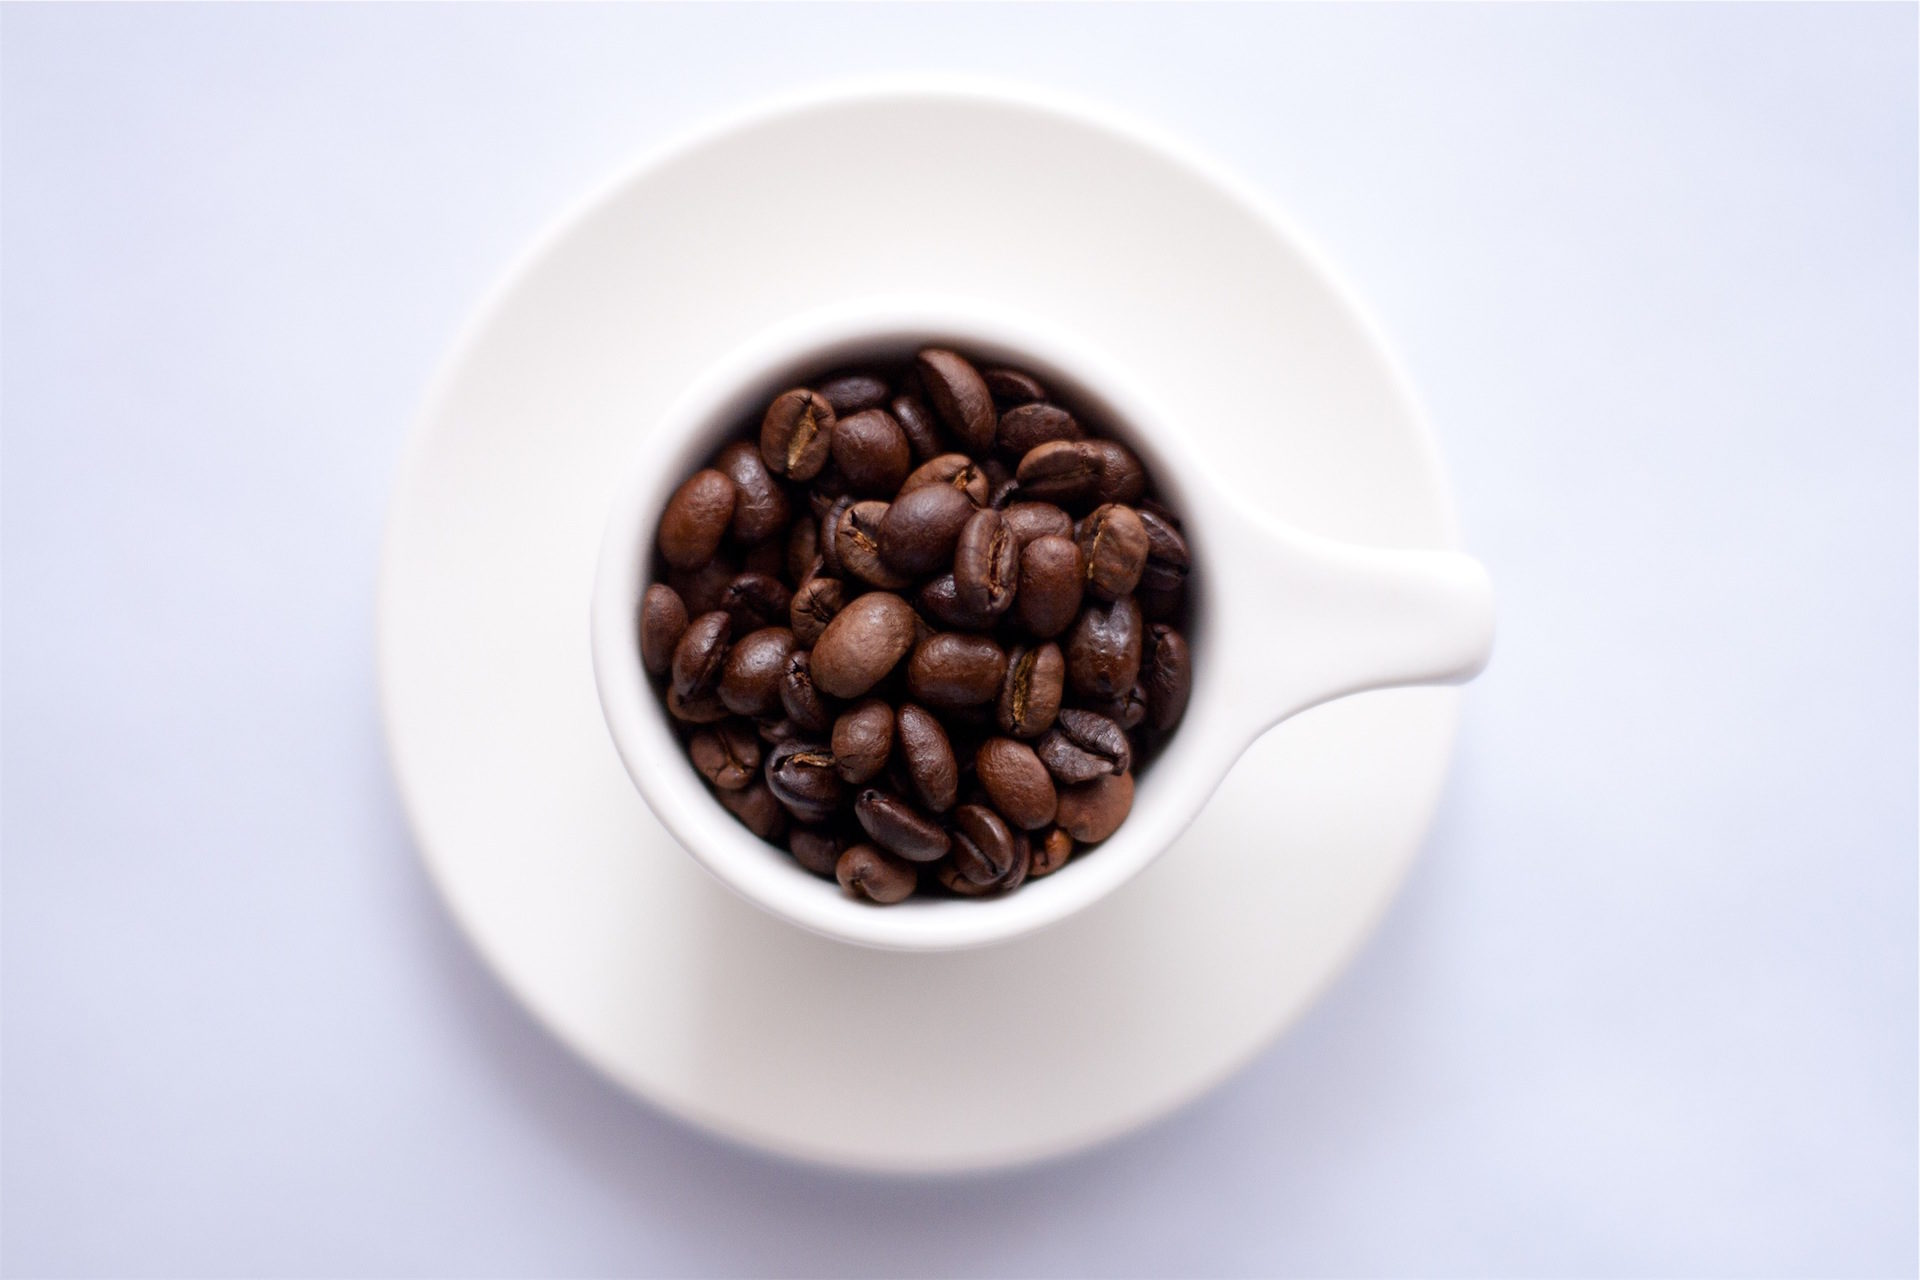 Κύπελλο, καφέ, Grains (Κόκκοι), πιάτο, Λευκό - Wallpapers HD - Professor-falken.com